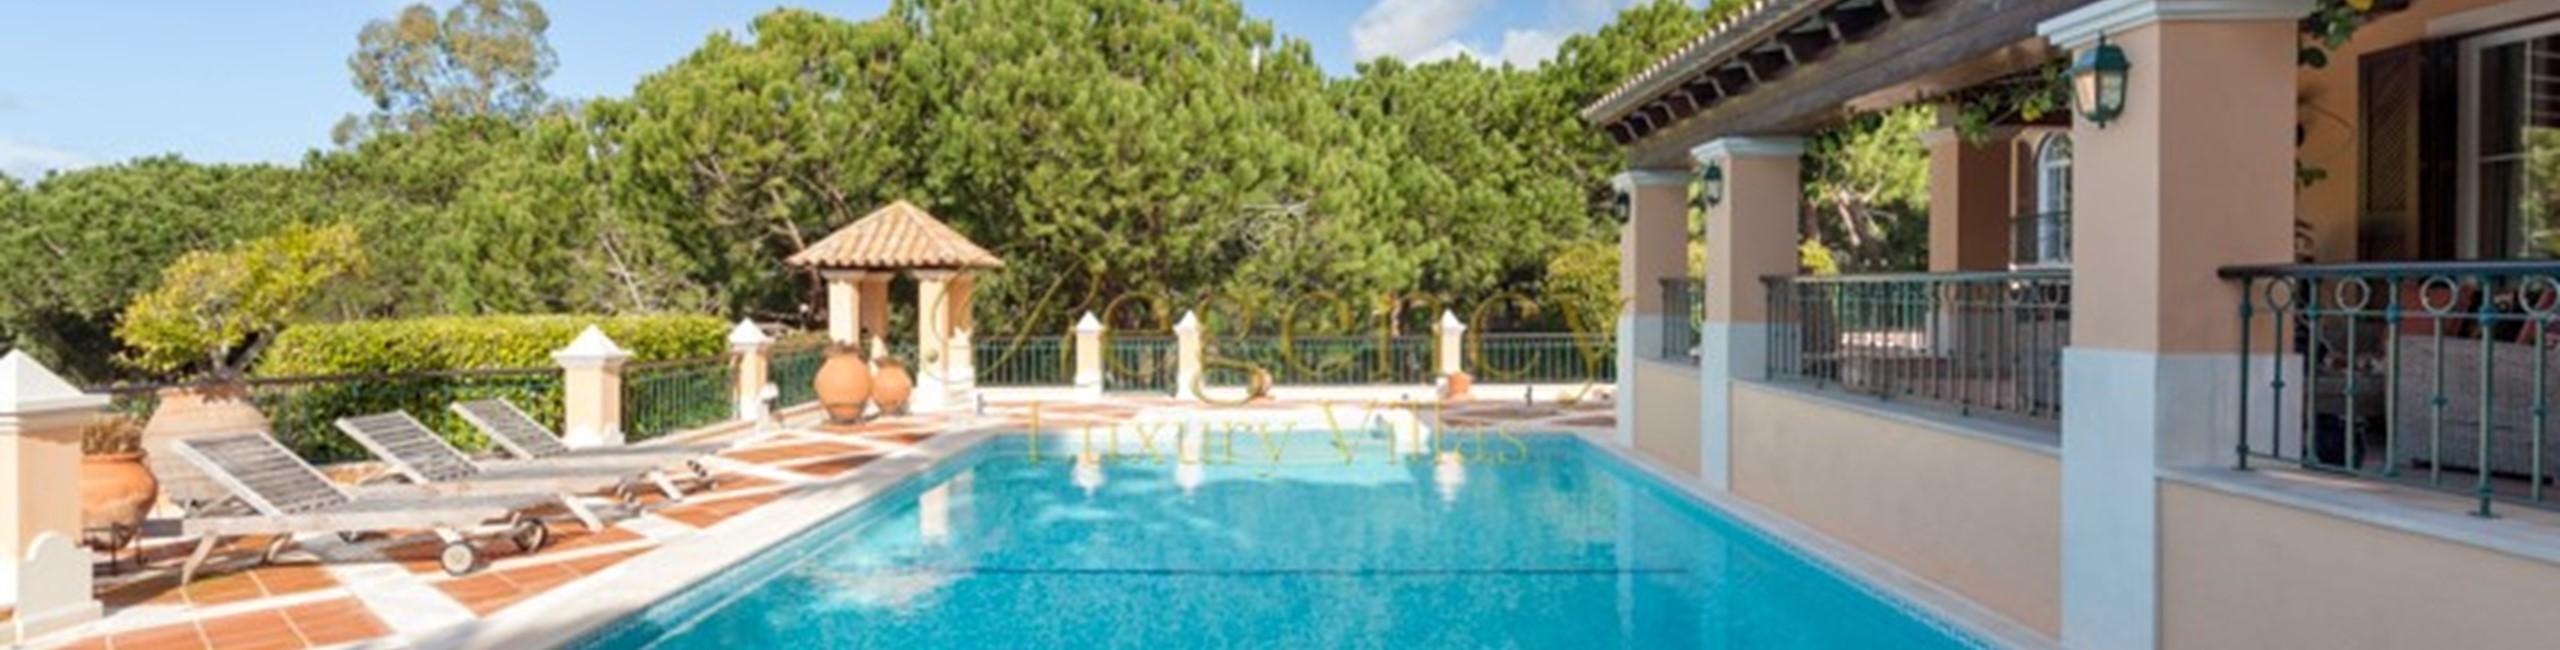 Quinta Do Lago 5 Bedroom Luxury Villa To Rent With Large Gardens Algarve Regency Luxury Villas